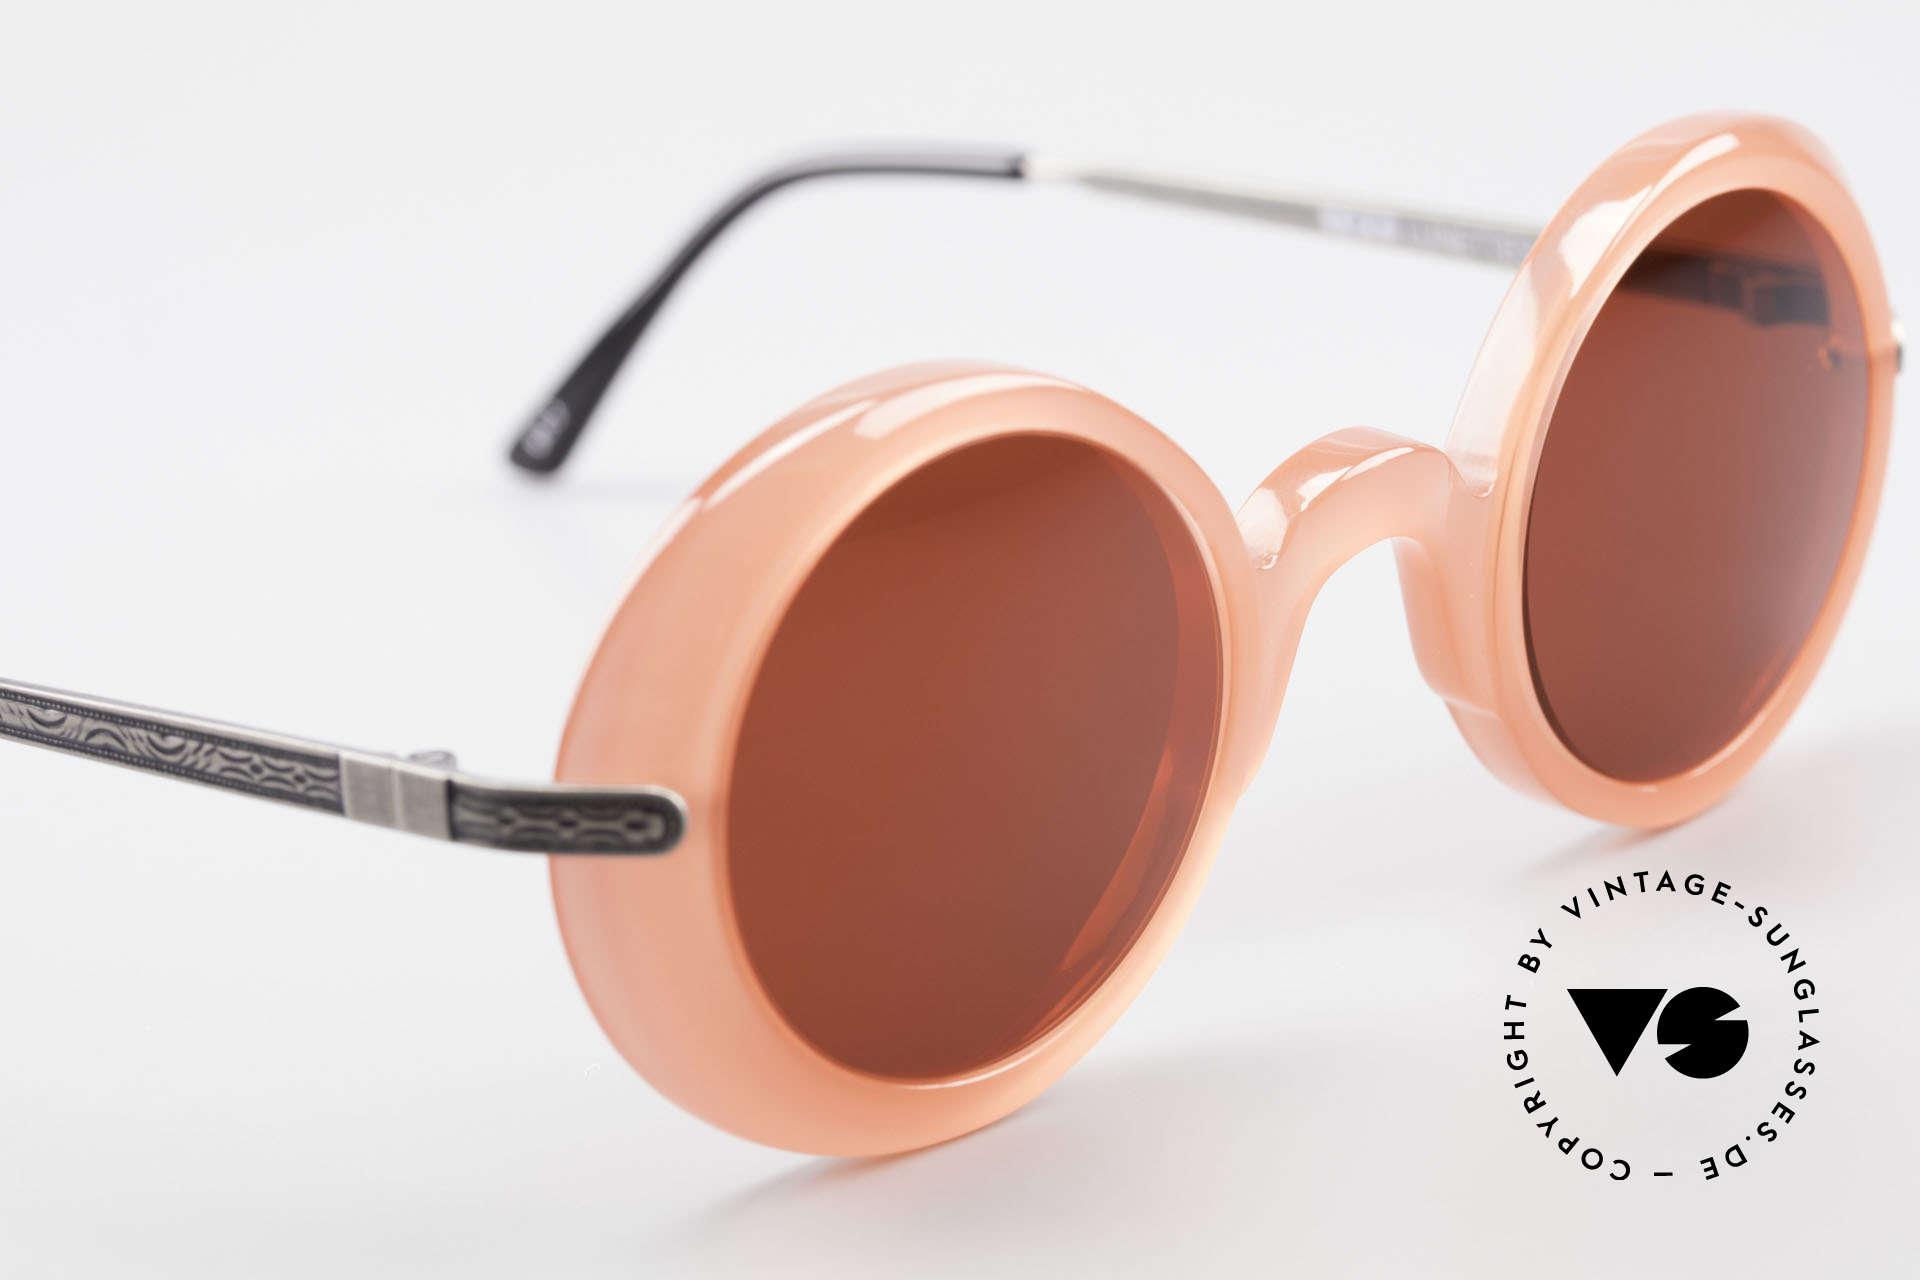 IDC I025 90er Spassbrille Steampunk, KEINE Retrobrille; ein circa 25 Jahre altes ORIGINAL!, Passend für Damen